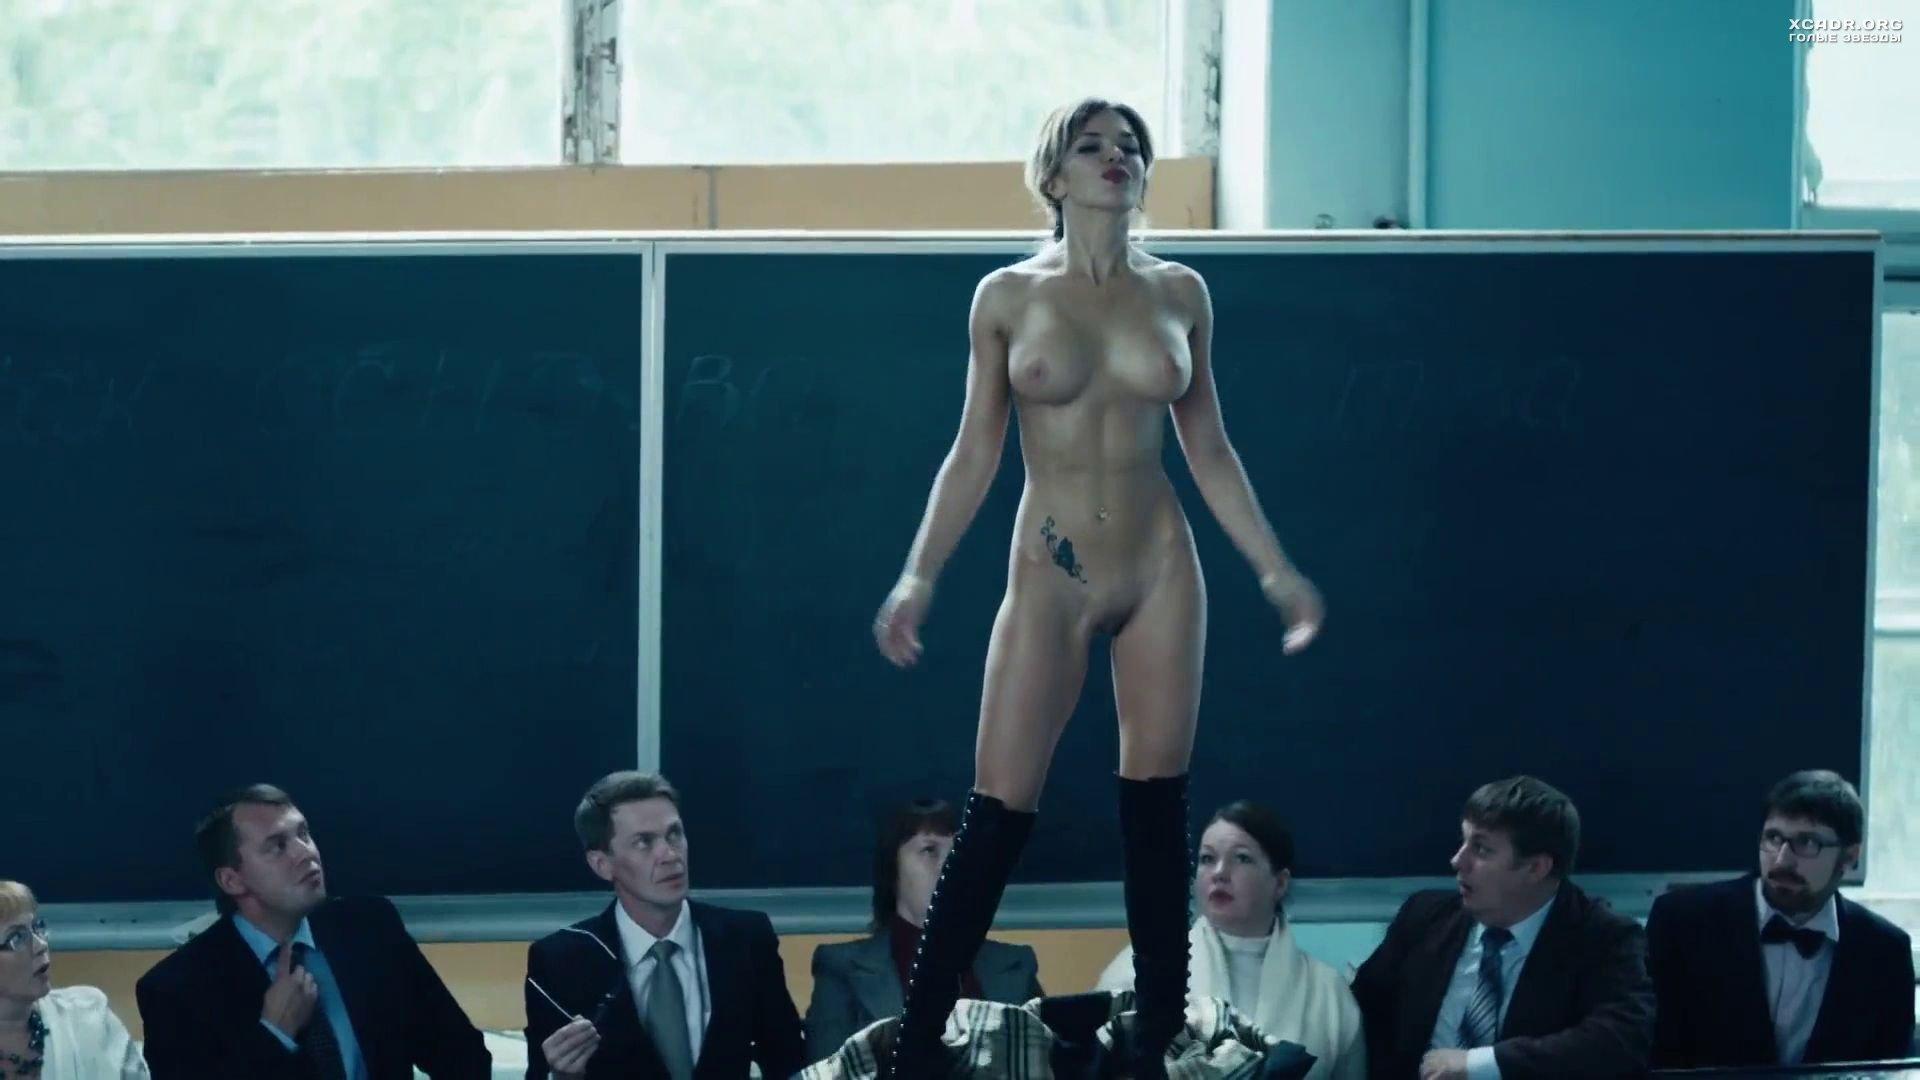 Полностью голая Карина Зверева позирует перед студентами